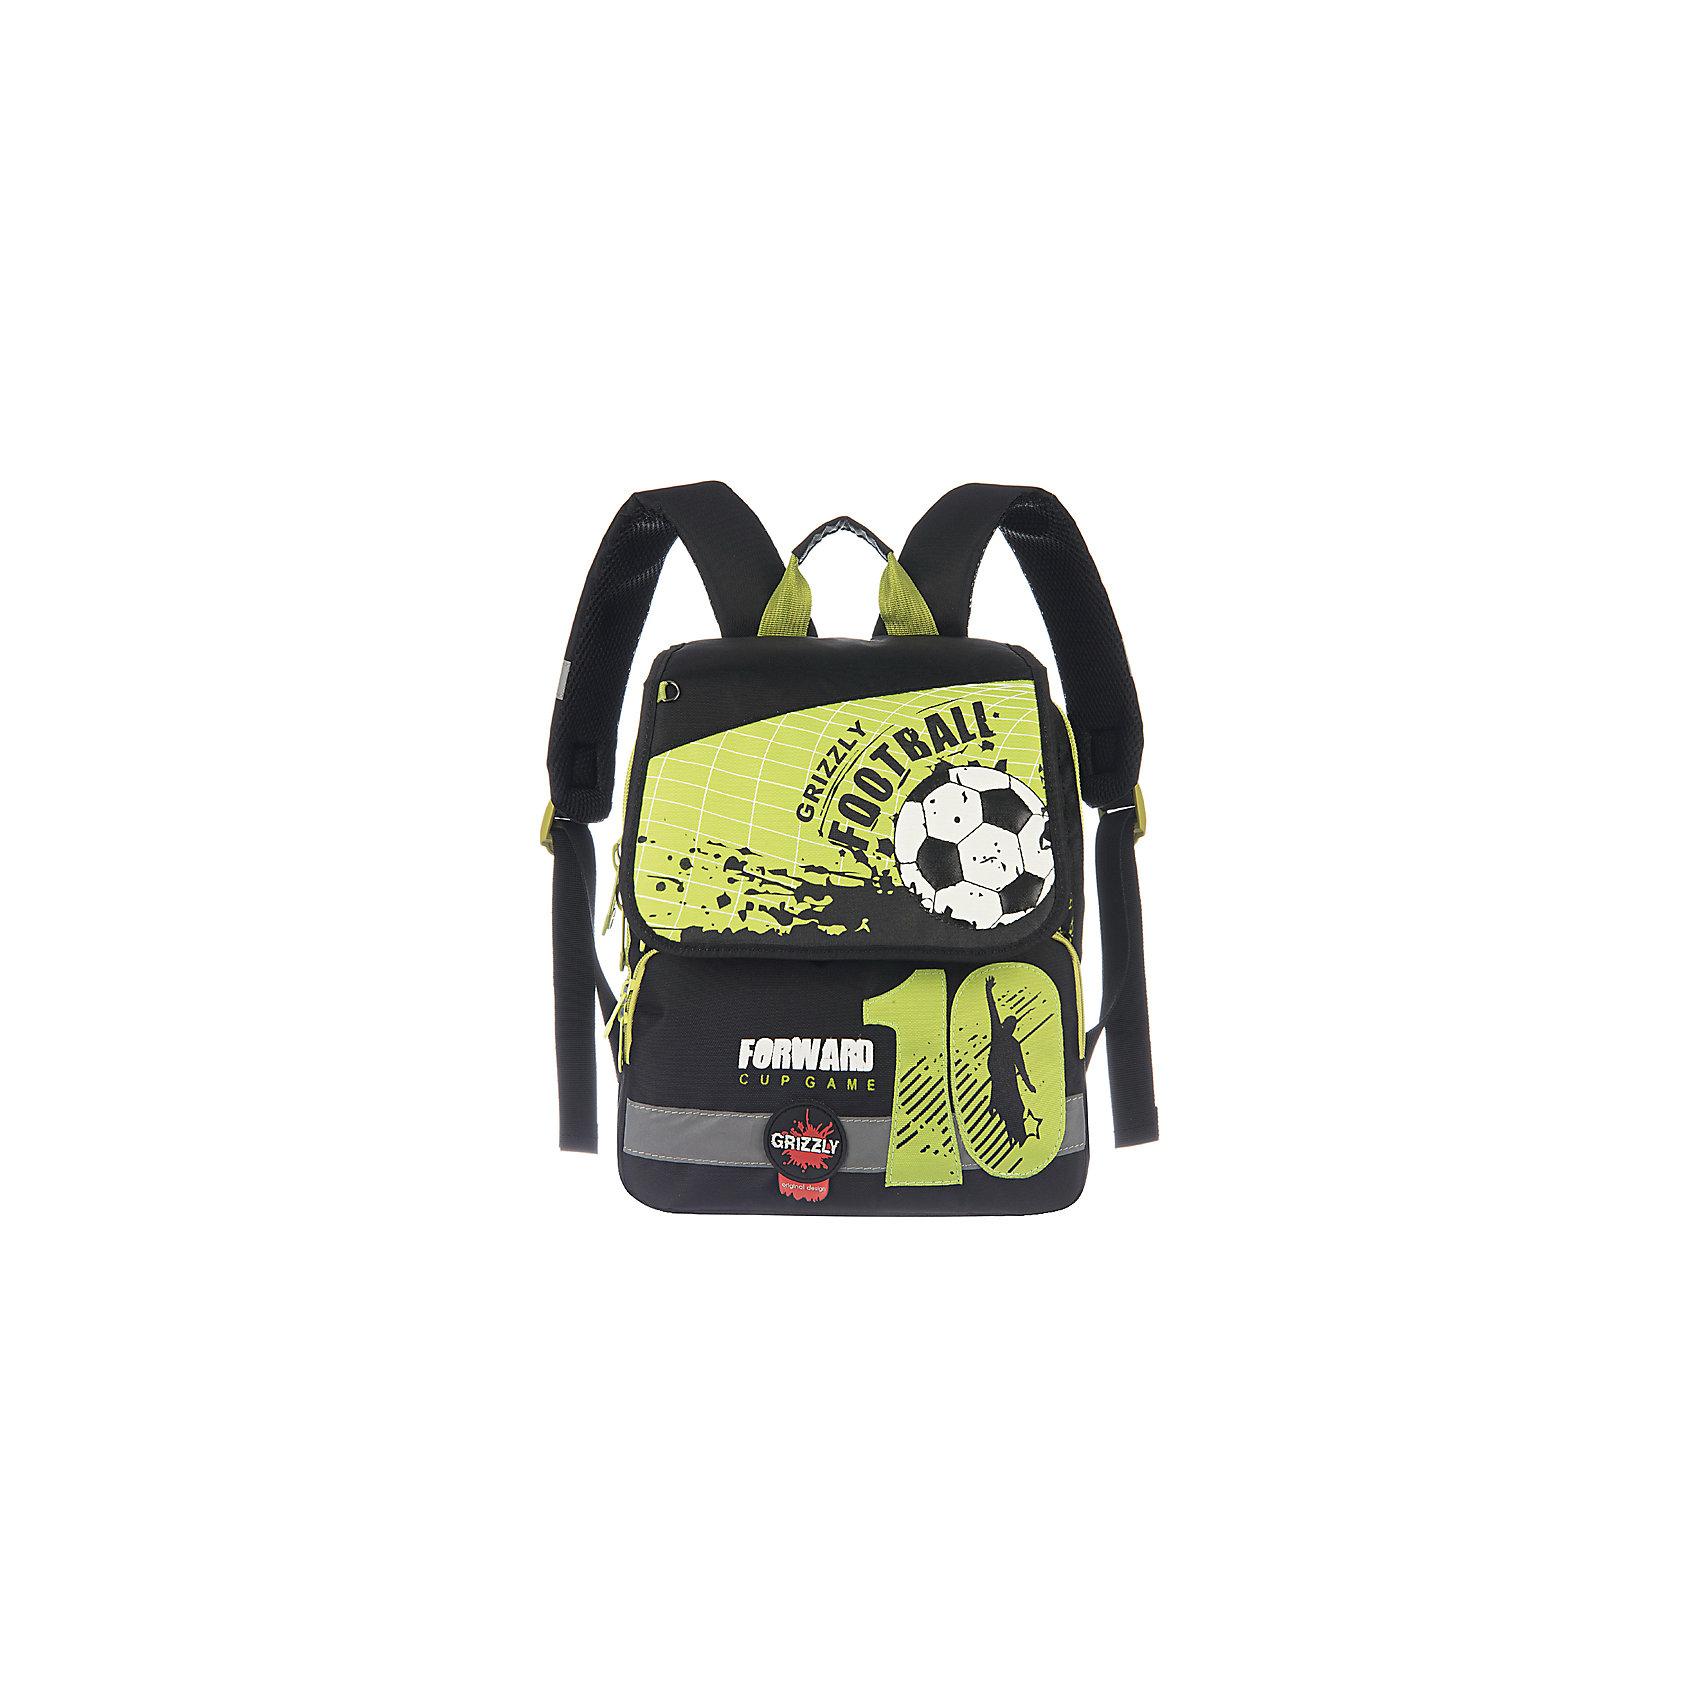 Школьный рюкзак, салатовыйШкольный рюкзак, салатовый, Grizzly (Гризли) ? рюкзак отечественного бренда Гризли школьной серии.  Рюкзак  выполнен из нейлона высокого качества, что обеспечивает, с одной стороны, легкий вес, а с другой ? надежность и прочность. Все швы выполнены капроновыми нитками, что делает швы особенно крепкими и устойчивыми к износу даже в течение нескольких лет. <br>Внутреннее устройство рюкзака состоит из двух вместительных отсеков и клапана на липучке. На передней стенке имеются два объемных кармана, застегивающихся на молнию. Удобство и эргономичность рюкзака создается за счет жесткой анатомической спинки, укрепленных лямок и мягкой укрепленной ручки. Также имеется дополнительная ручка-петля. С четырех сторон рюкзака имеются светоотражающие элементы. В комплекте с рюкзаком идет игрушка-брелок. Уникальность рюкзаков Grizzly заключается в том, что анатомическая спинка изготовлена из специальной ткани, которая пропускает воздух, тем самым защищает спину от повышенного потоотделения.<br>Все рюкзаки школьной серии Grizzly (Гризли) имеют оригинальный современный дизайн. Школьный рюкзак, салатовый, Grizzly (Гризли) выполнен в черном цвете с салатовыми элементами. Передний карман украшен большой яркой аппликацией.<br>Школьный рюкзак, салатовый, Grizzly (Гризли) ? это качество материалов, удобство, стиль и долговечность использования. <br><br>Дополнительная информация:<br><br>- Вес: 900 г<br>- Габариты (Д*Г*В): 29*18*35 см<br>- Цвет: черный, салатовый, белый<br>- Материал: нейлон <br>- Сезон: круглый год<br>- Коллекция: школьная <br>- Год коллекции: 2016 <br>- Пол: мужской<br>- Предназначение: для школы<br>- Особенности ухода: можно чистить влажной щеткой или губкой, допускается ручная стирка<br><br>Подробнее:<br><br>• Для школьников в возрасте: от 6 лет и до 10 лет<br>• Страна производитель: Китай<br>• Торговый бренд: Grizzly<br><br>Школьный рюкзак, бежевый, Grizzly (Гризли) можно купить в нашем интернет-магазине.<br><br>Ширина мм: 290<br>Глубина мм: 18